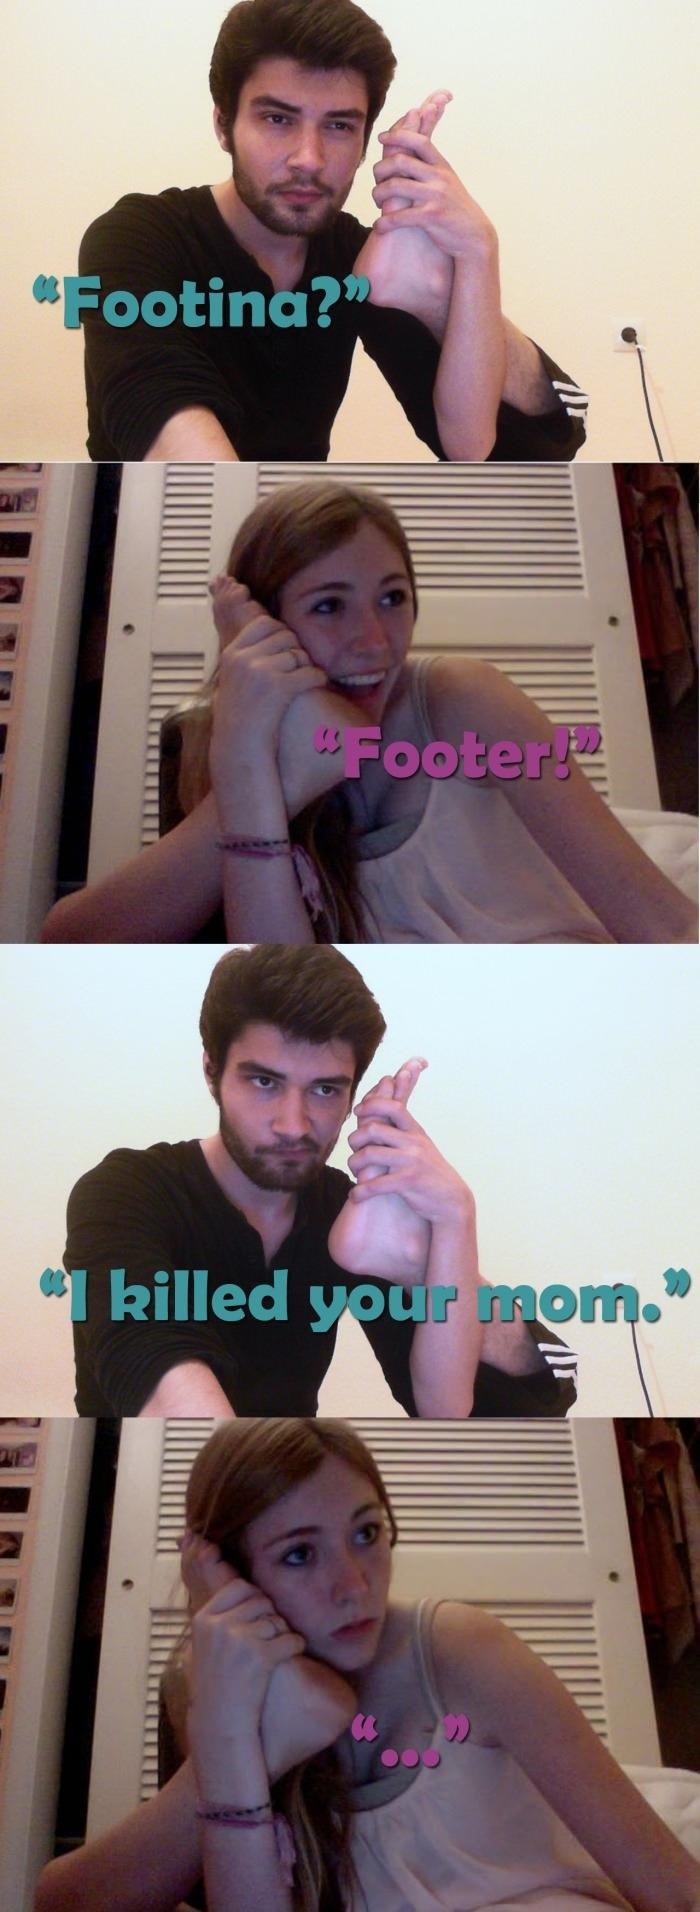 Foot talk